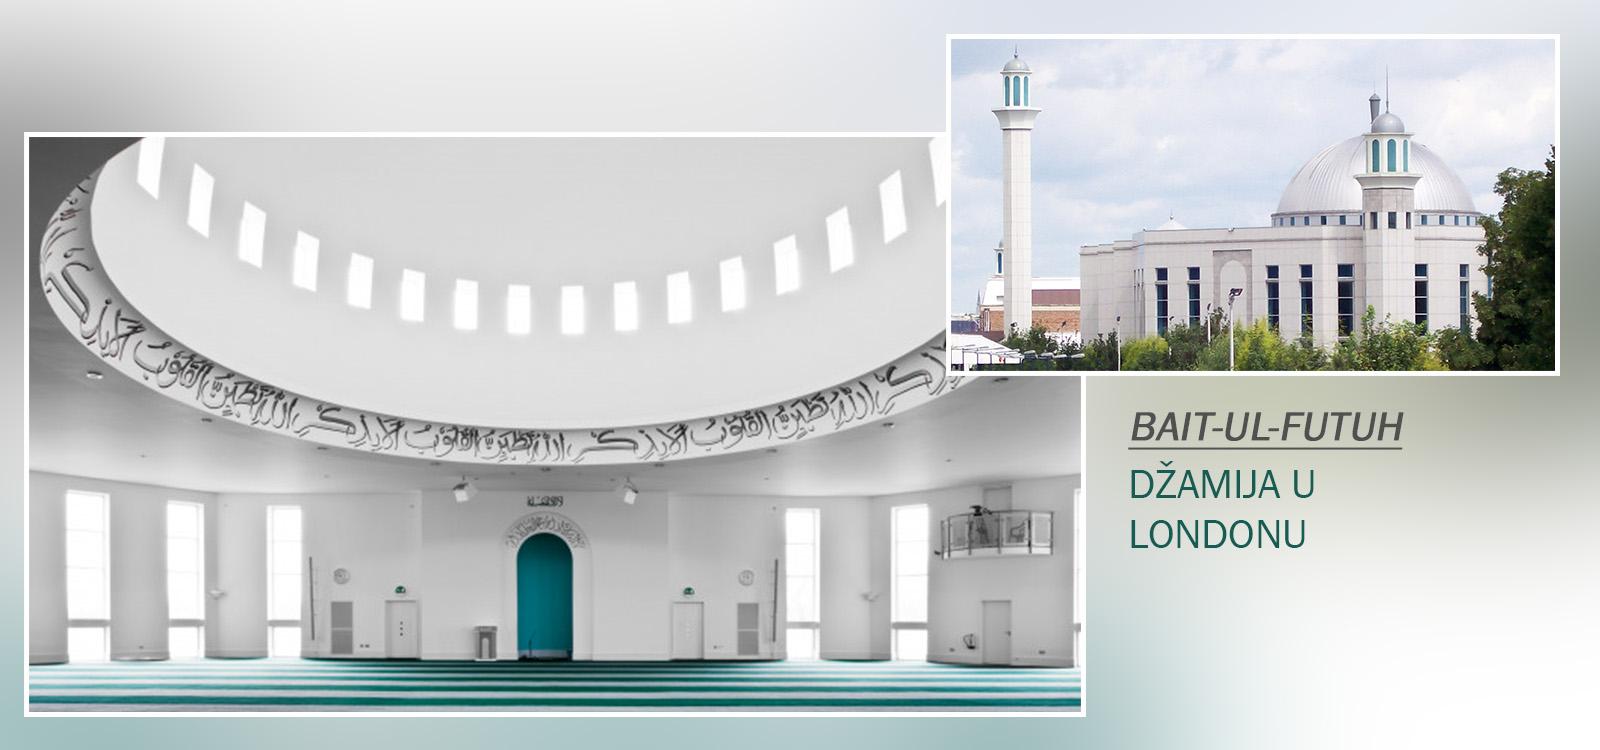 Džamija osvjetljava društvo